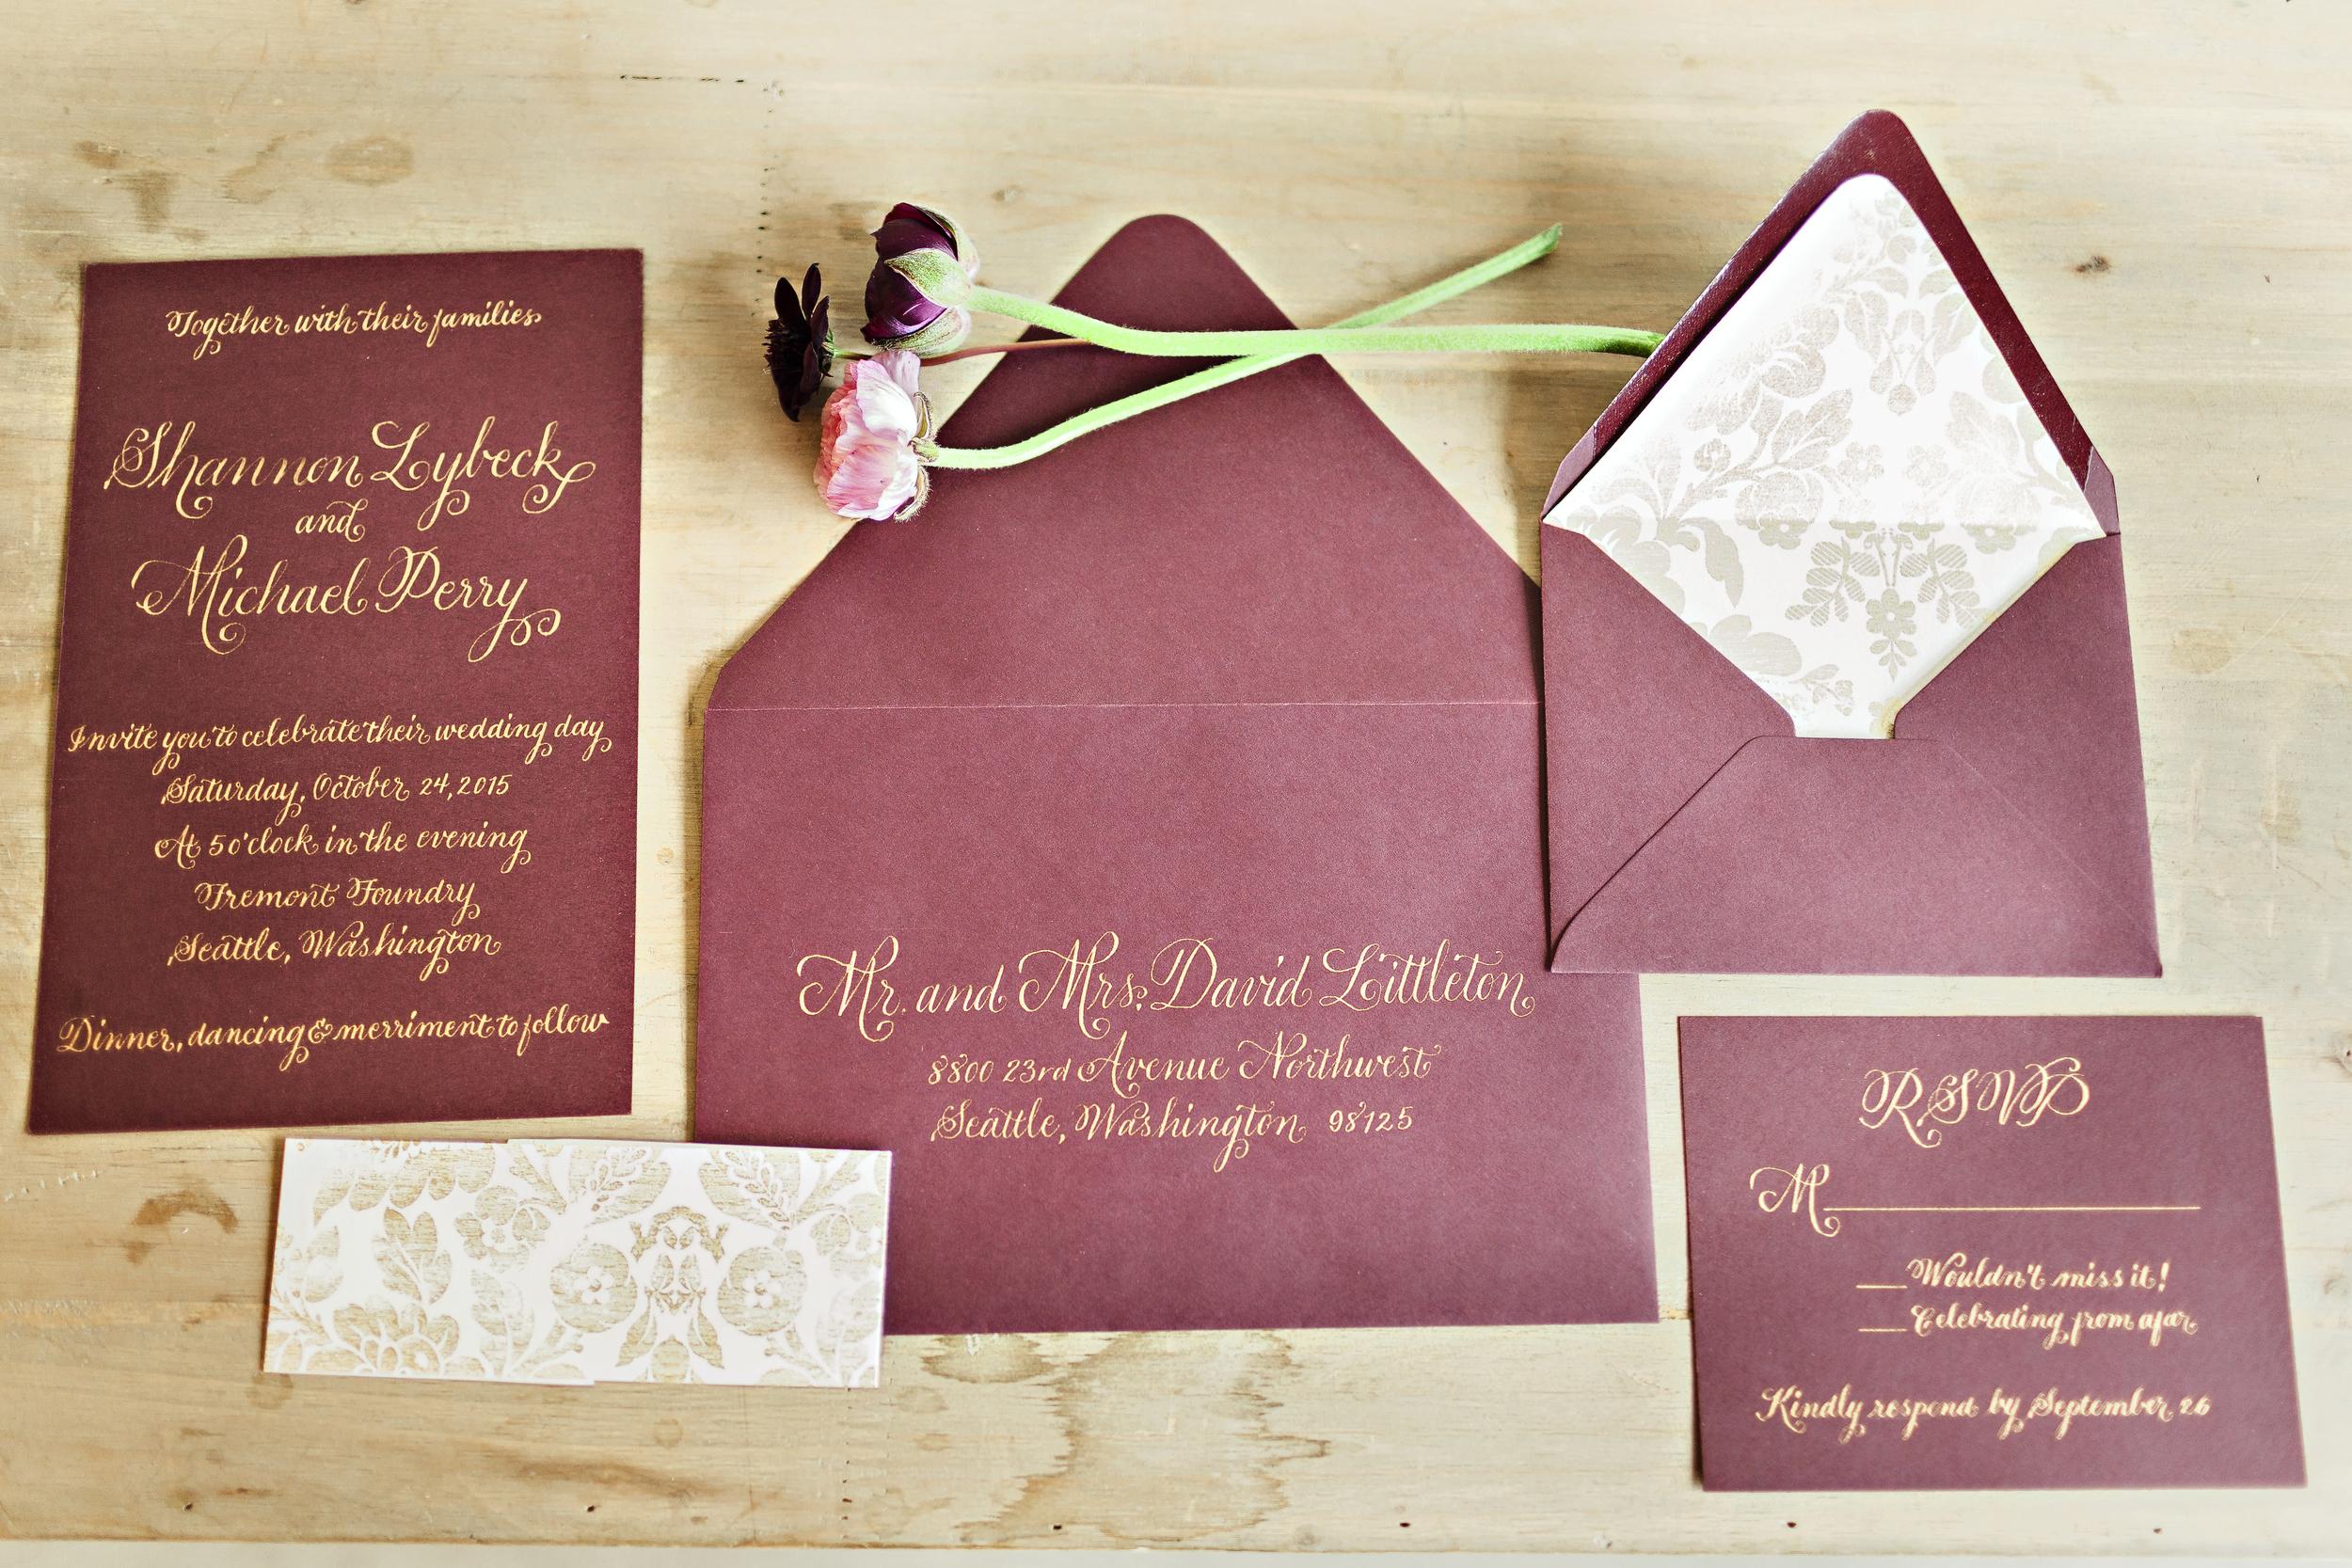 Vintage Glam Wedding Inspiration | Wedding Wise Seattle | Fremont Foundry Wedding | Courtney Bowlden Photography